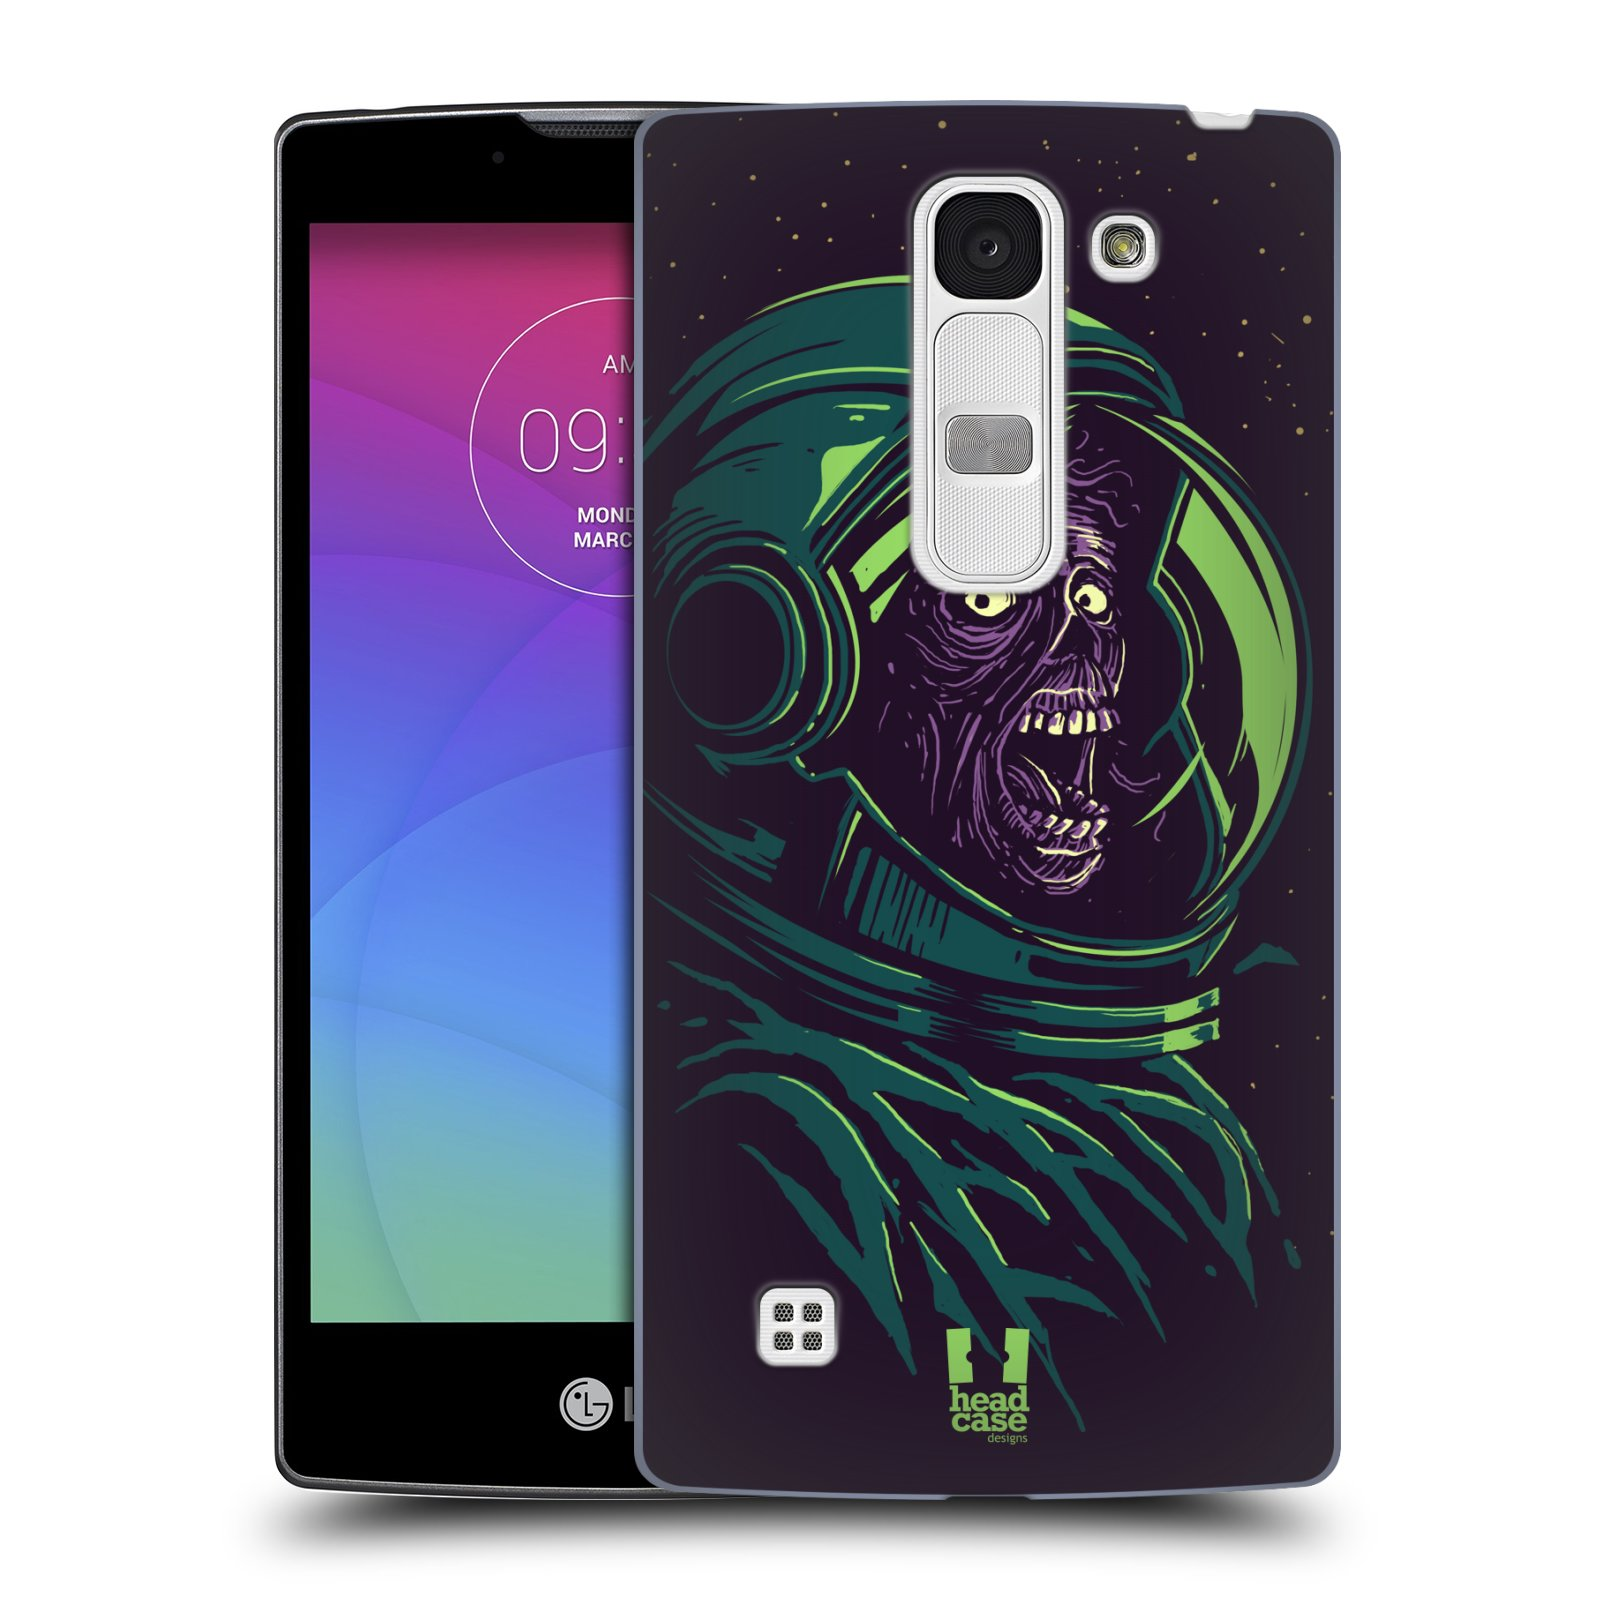 Plastové pouzdro na mobil LG Spirit LTE HEAD CASE ZOMBIE VESMÍR (Kryt či obal na mobilní telefon LG Spirit H420 a LG Spirit LTE H440N)